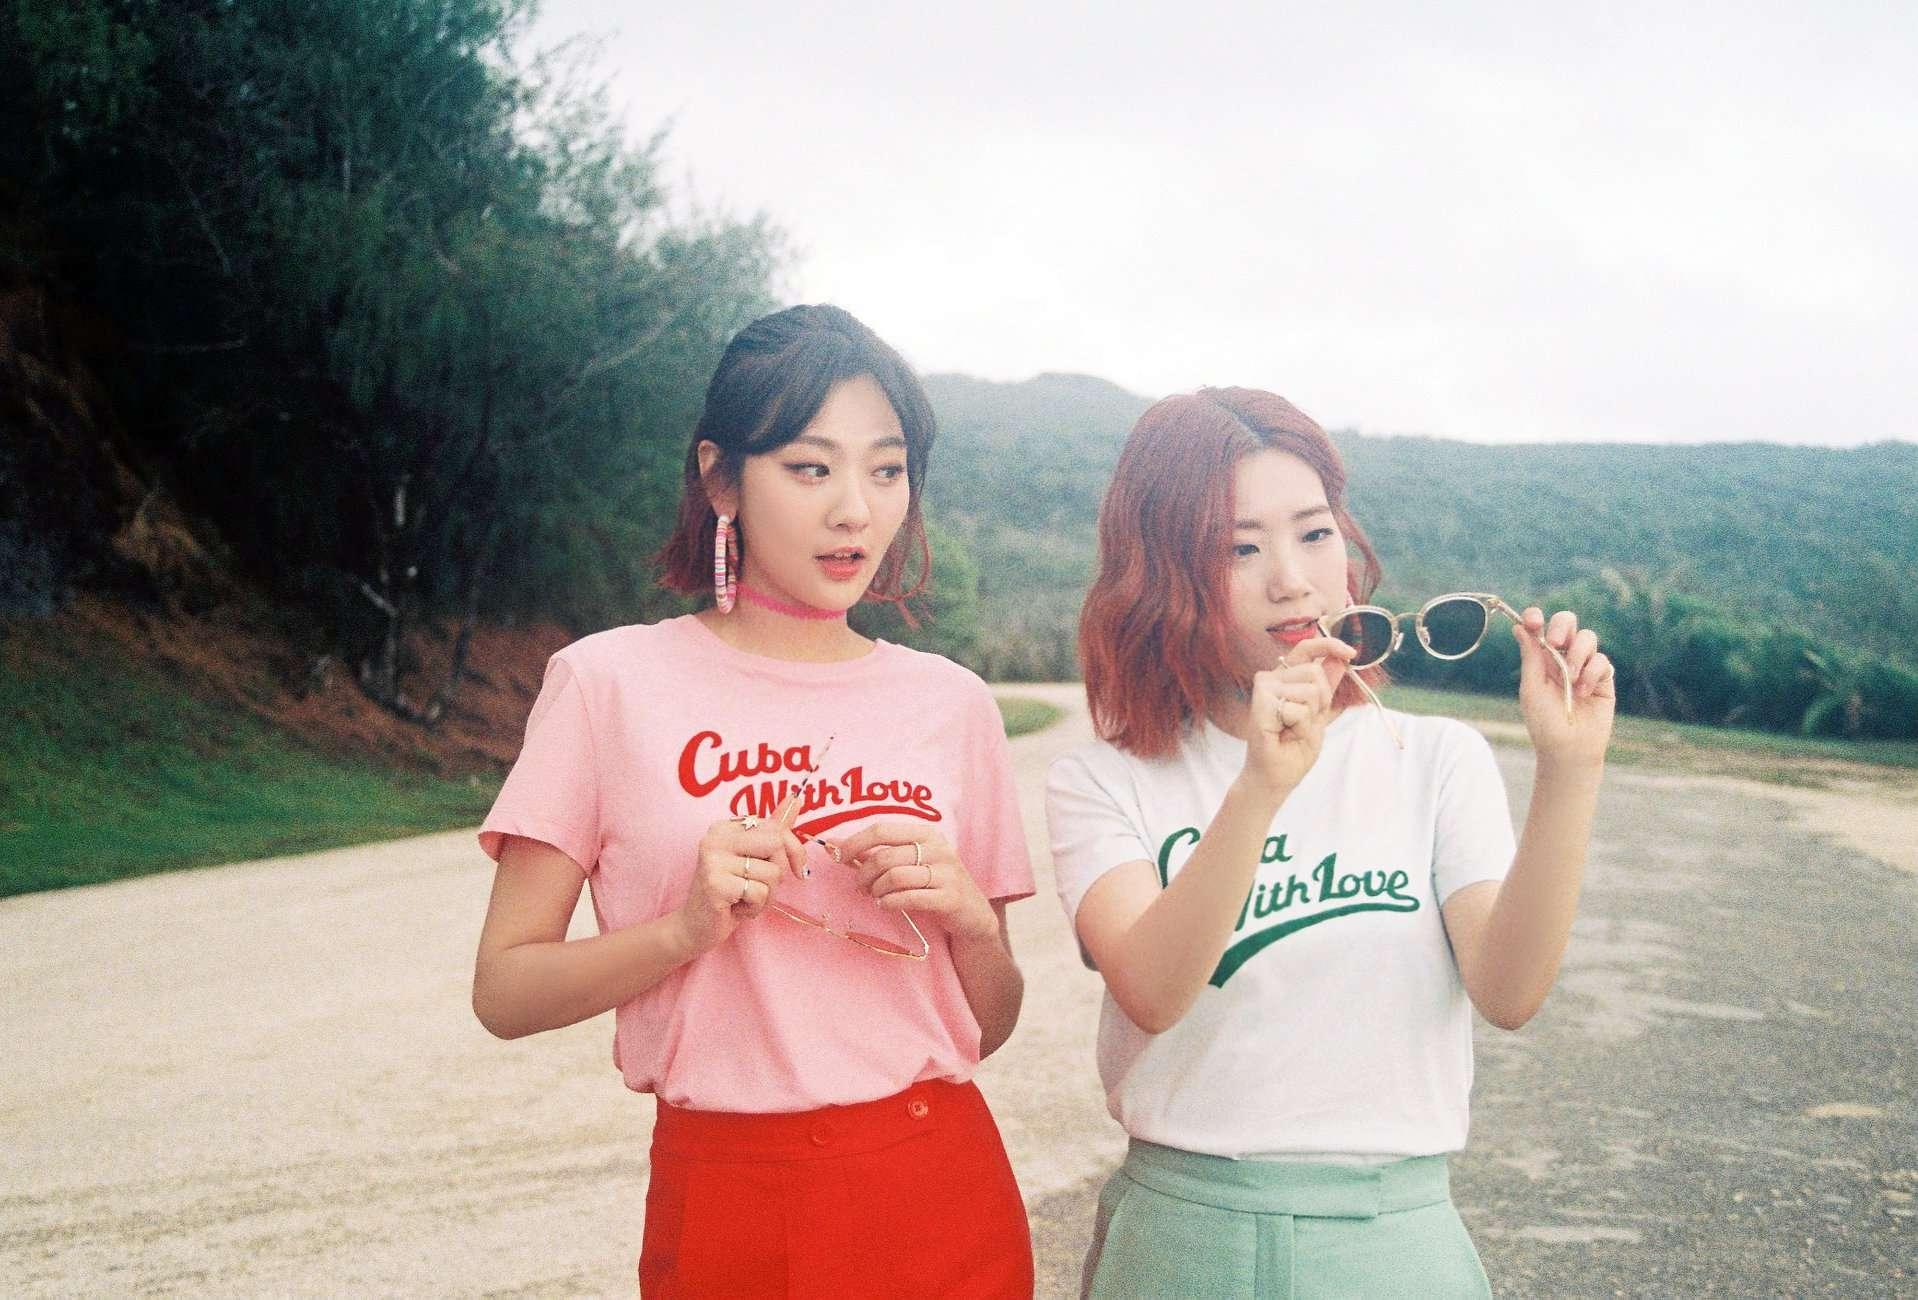 而除了一般能歌善舞的女團之外,韓國也有只唱歌但不跳舞的女團阿! 想必大家看到照片也能夠猜到啦...就是臉紅的思春期啦XD